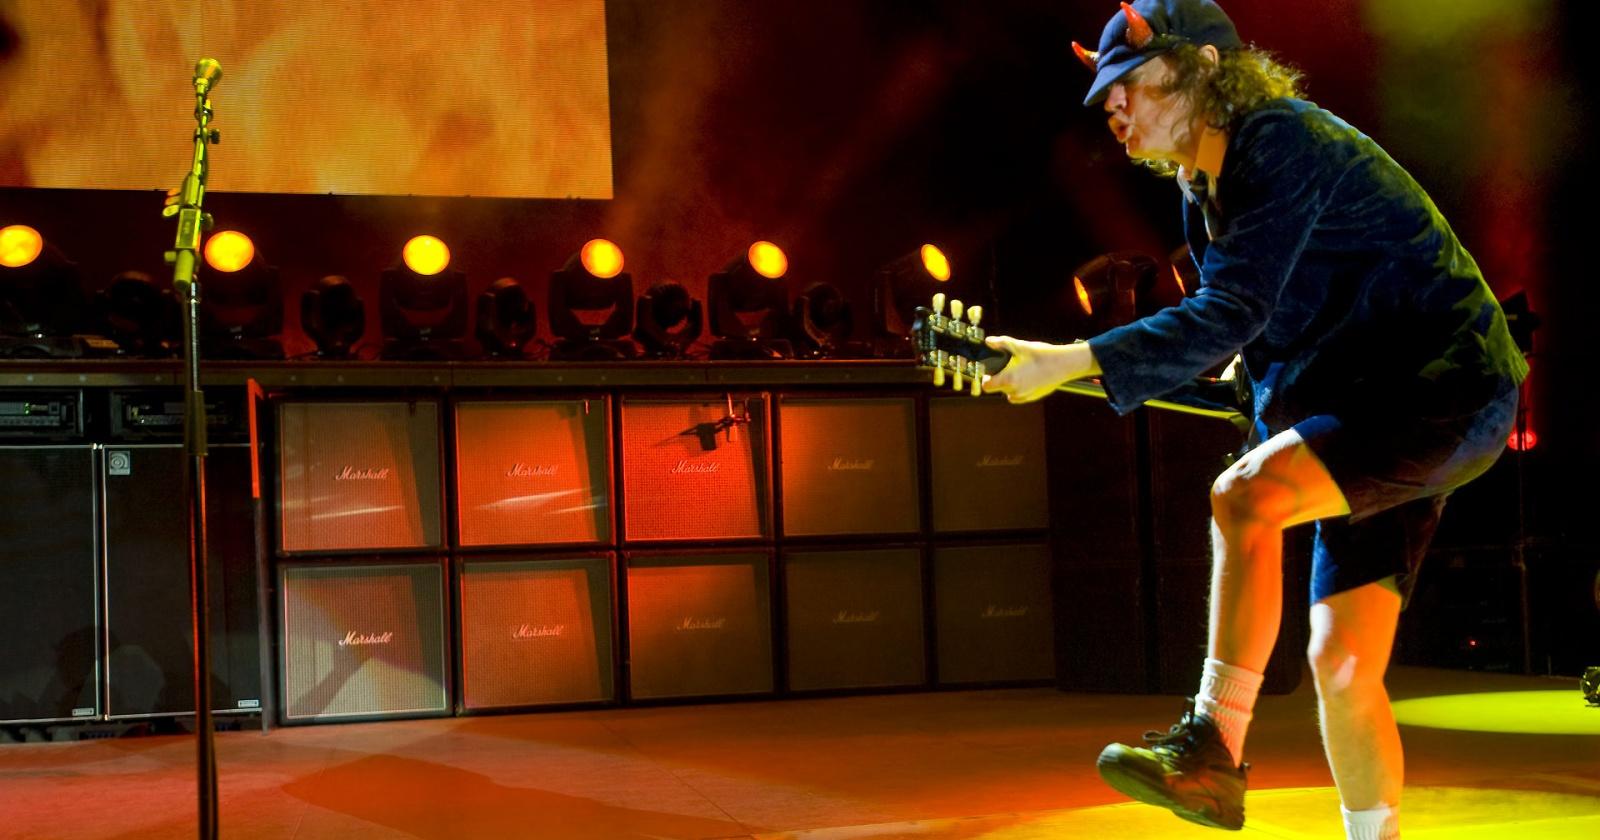 457 музыкантов одновременно сыграли песню AC/DC